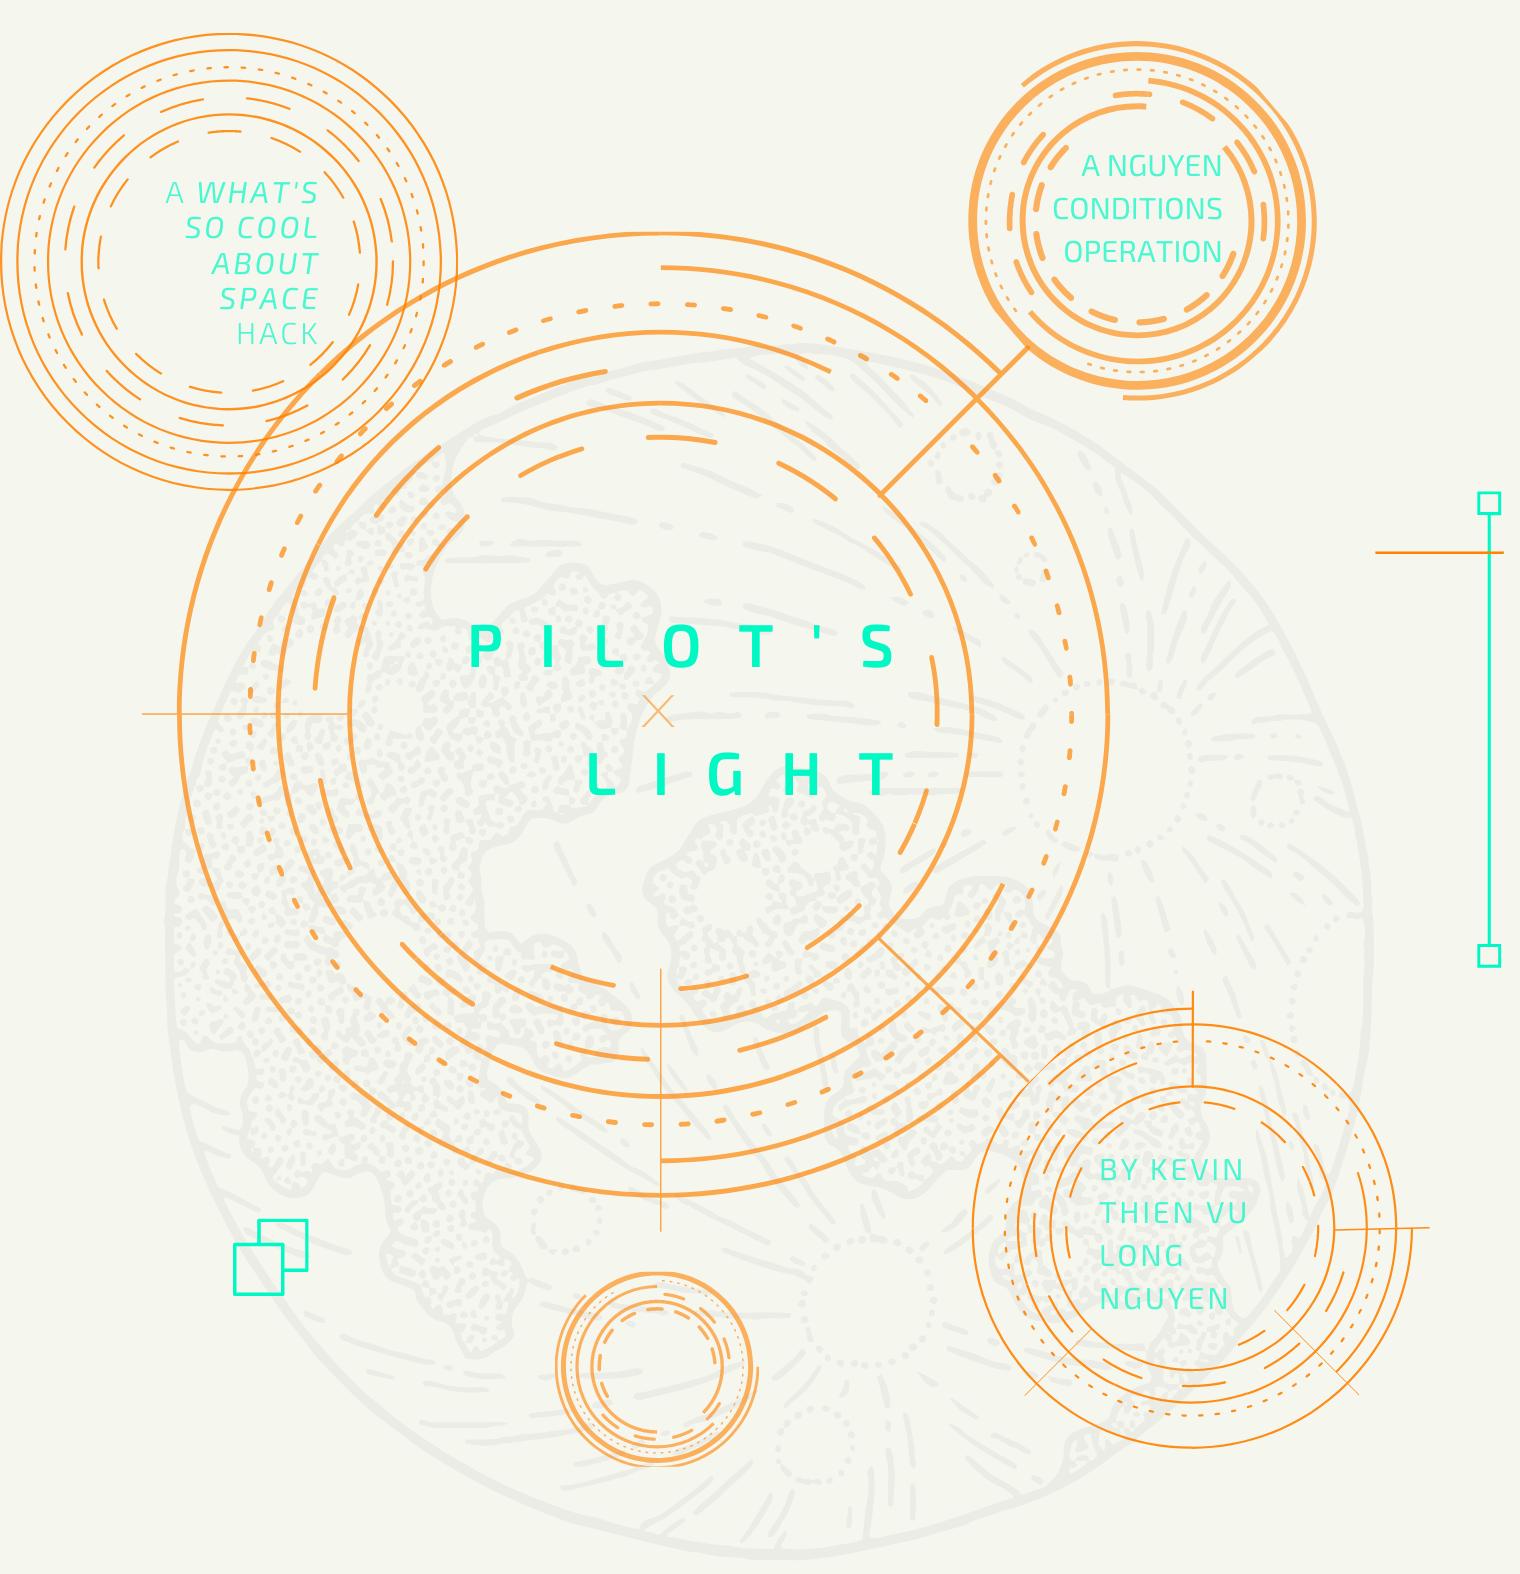 PILOT'S LIGHT